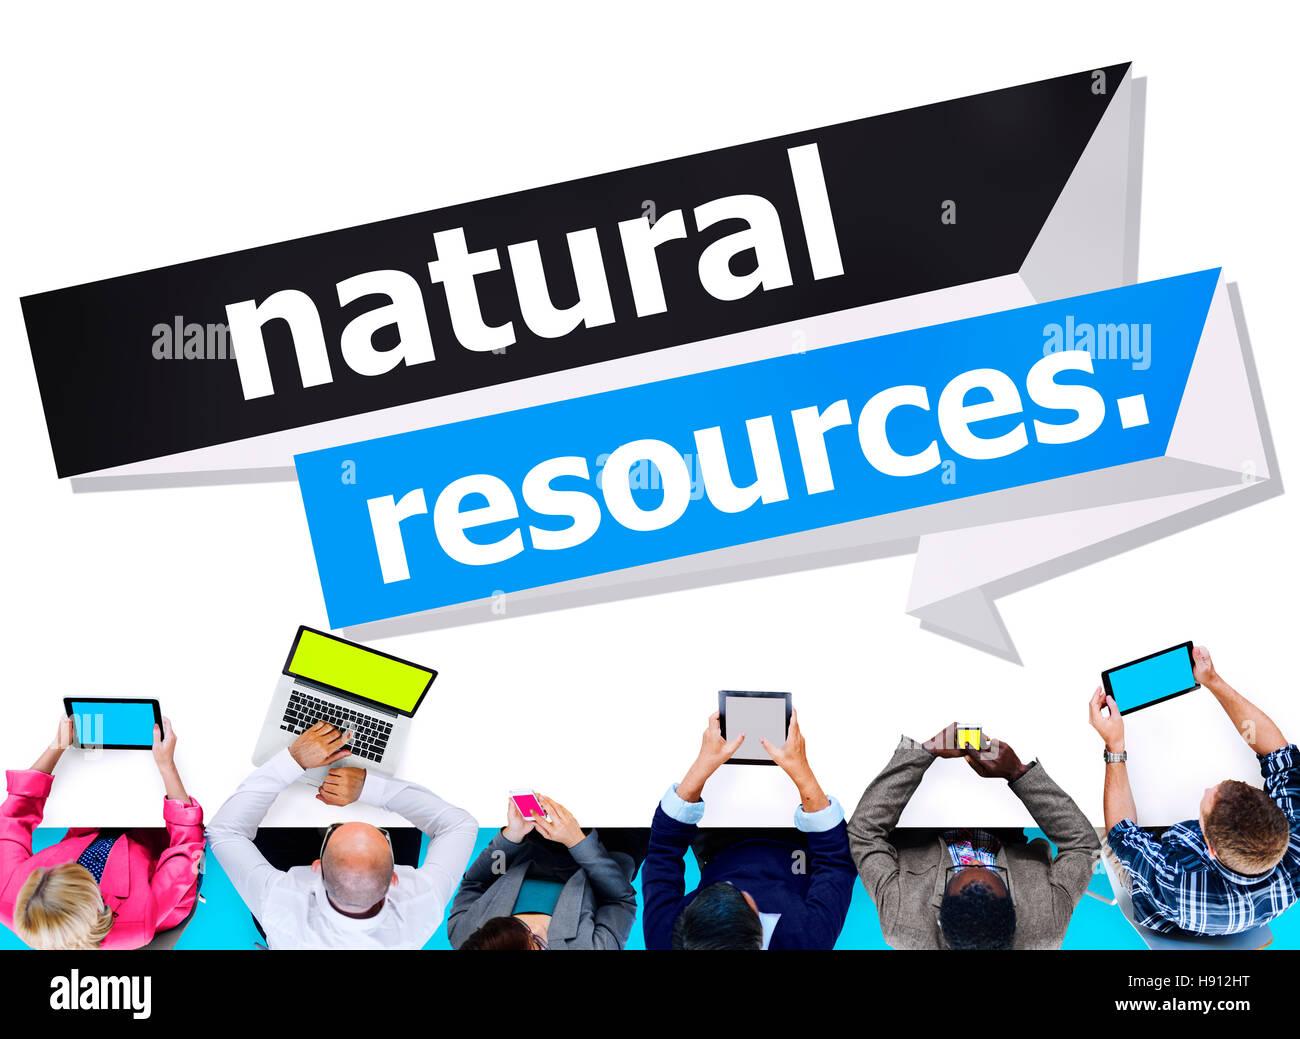 Los recursos naturales de la tierra ambiental concepto energético Imagen De Stock